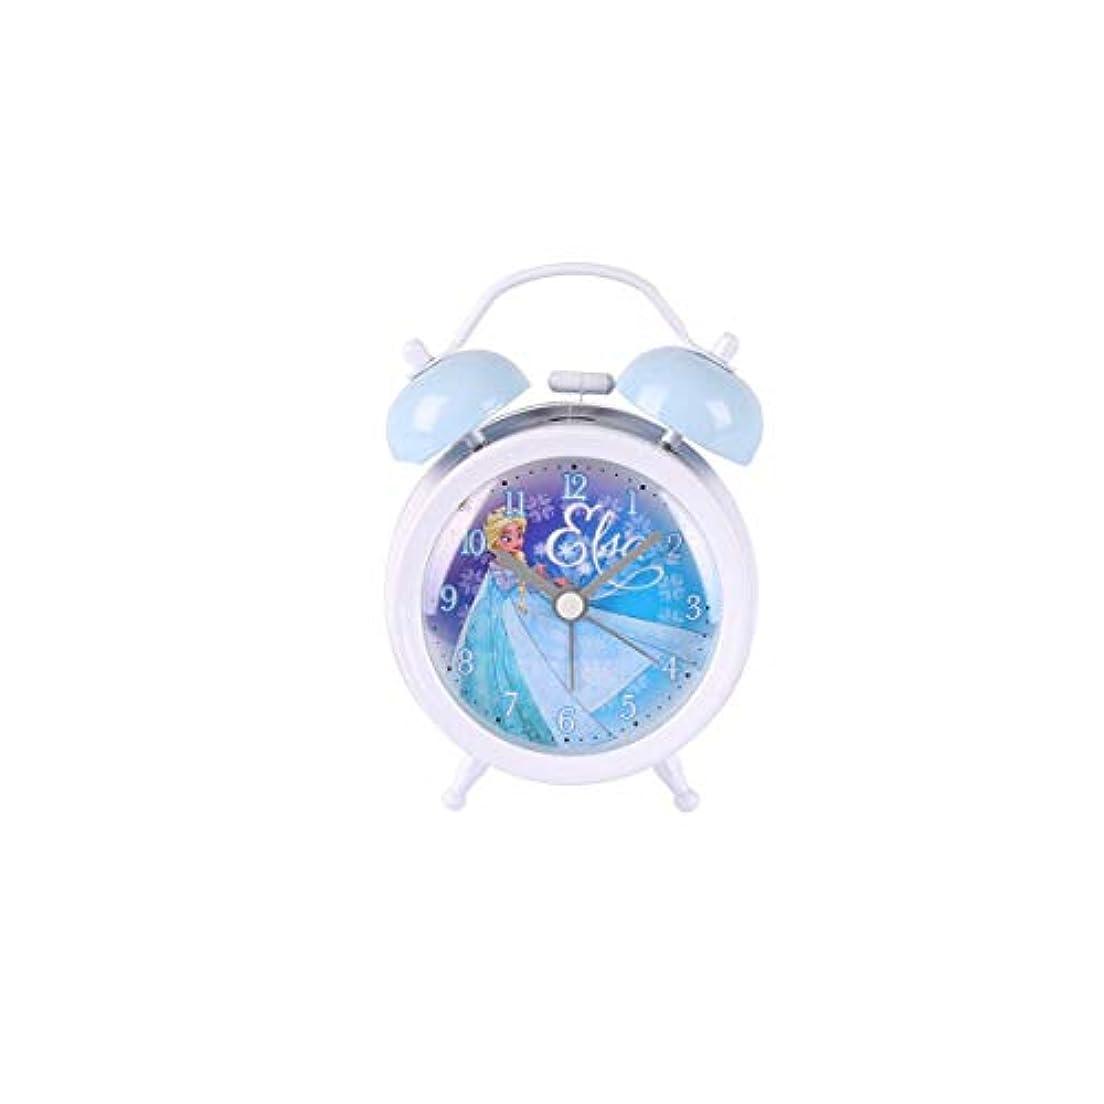 データについてフロントQiyuezhuangshi001 目覚まし時計、学生の枕元の時計、夜の怠惰な時計、寝室のベッドブルーに適した素敵なクォーツ時計、8.8CM×4.5CM×12.5CM 材料の安全性 (Color : White2)